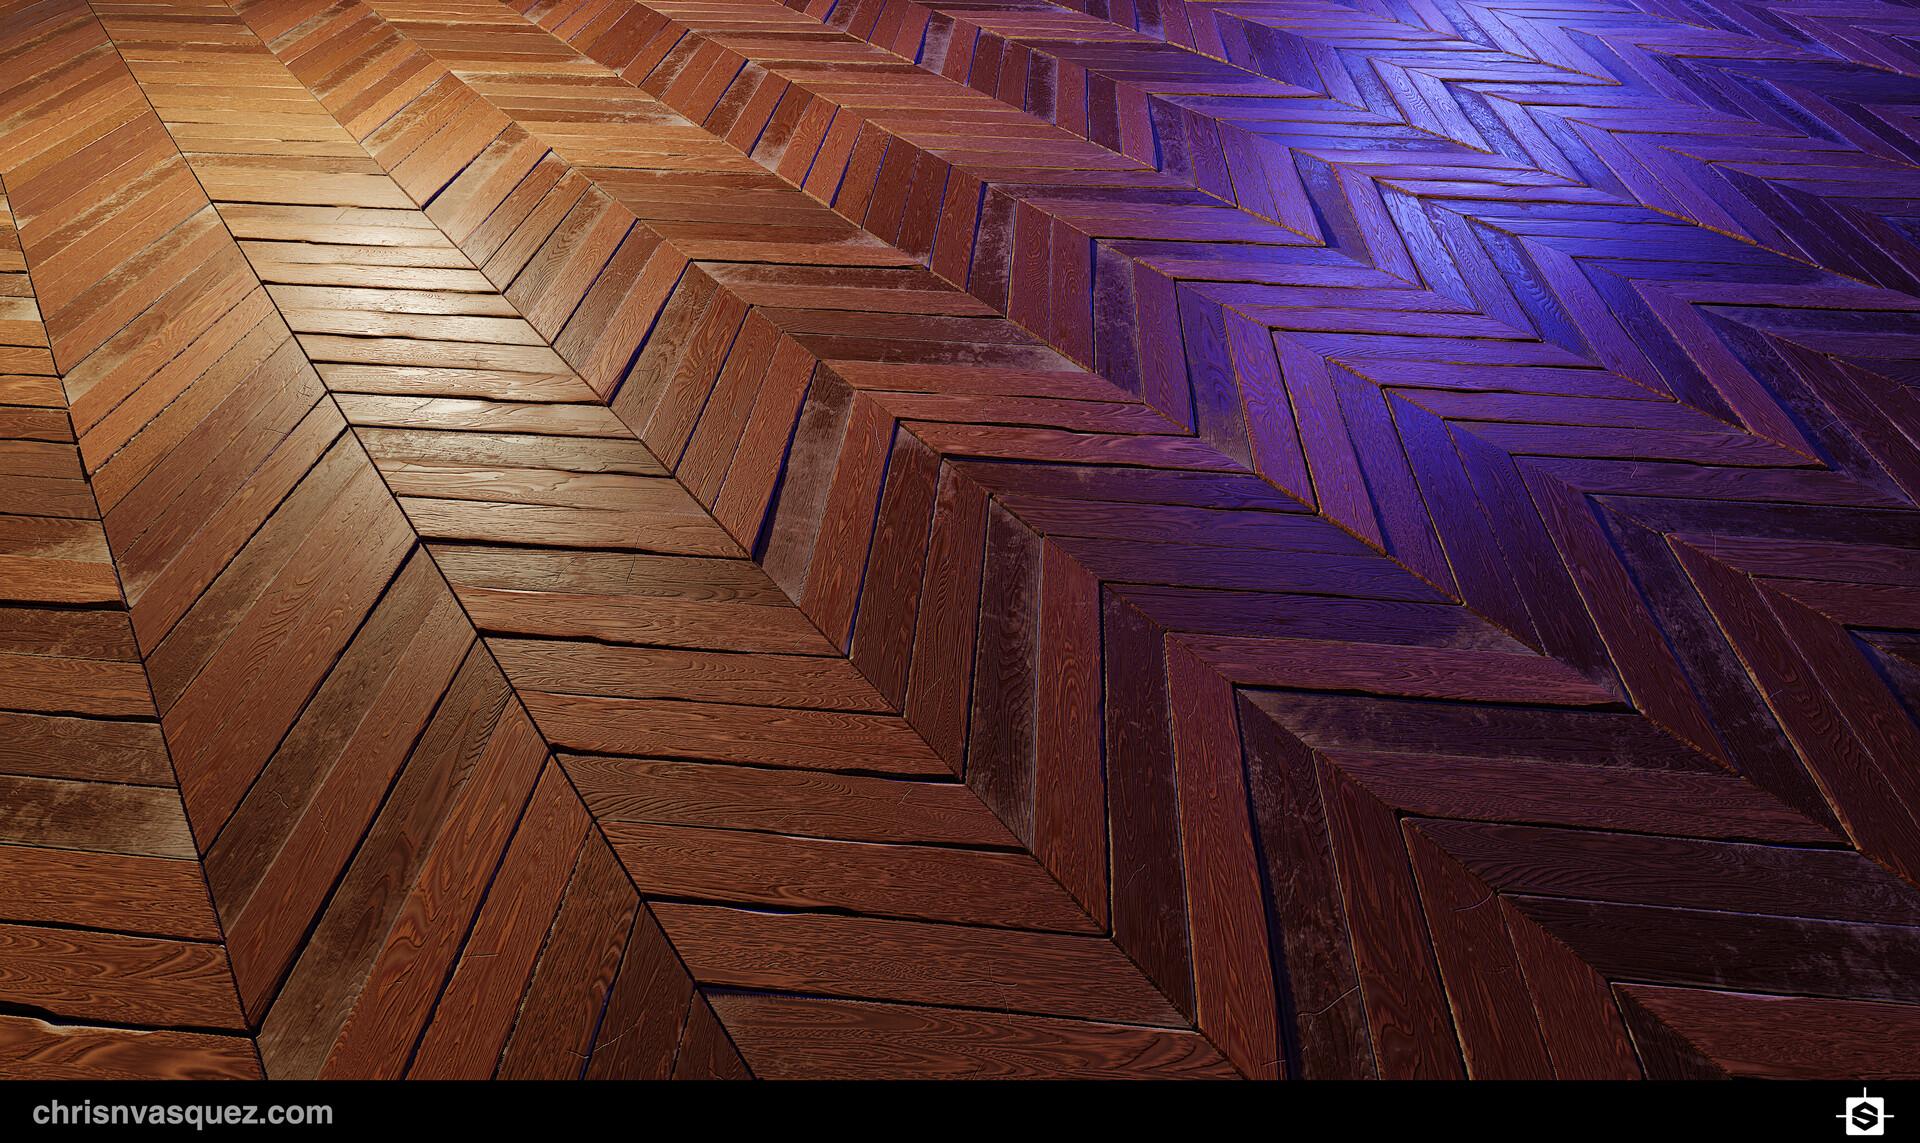 Christian vasquez venicesunrise floor